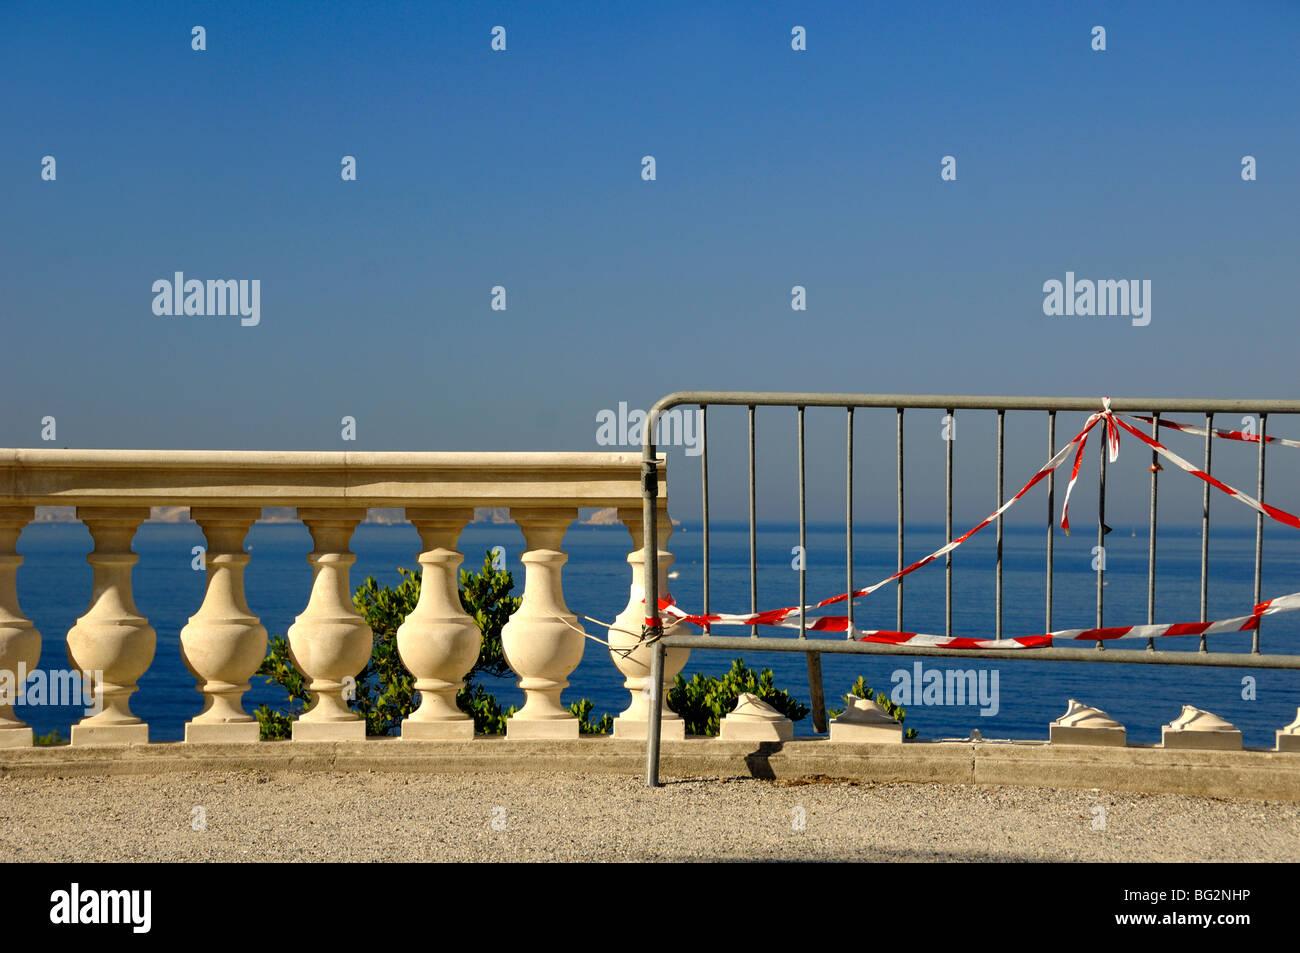 Gebrochen Balustrade mit Schutzbarriere & Warnung Band mit Blick auf Mittelmeer, Valmer Garten & Villa, Stockbild